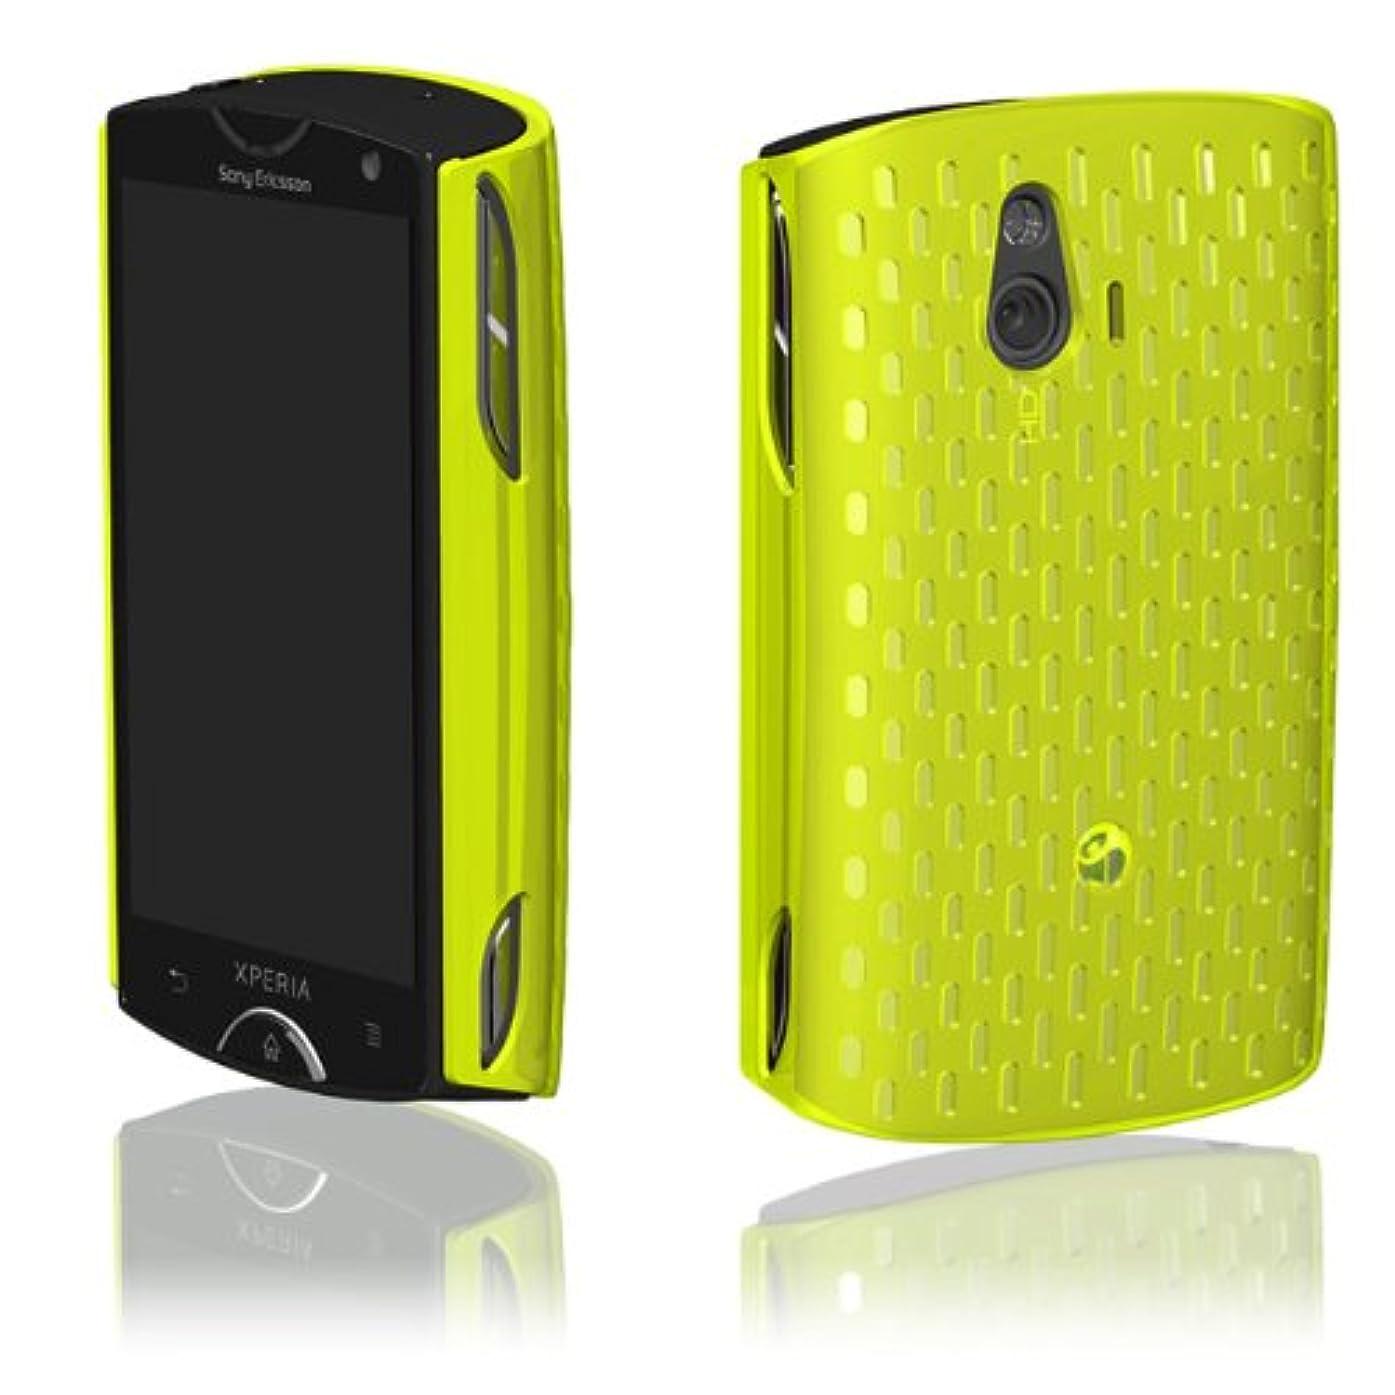 加害者いたずらな君主MSY GRAPHT Sony Ericsson mini用ケース Polyvalent Series ウェブケース アイスバージョン for Sony Ericsson mini グリーン EPA05-002GR